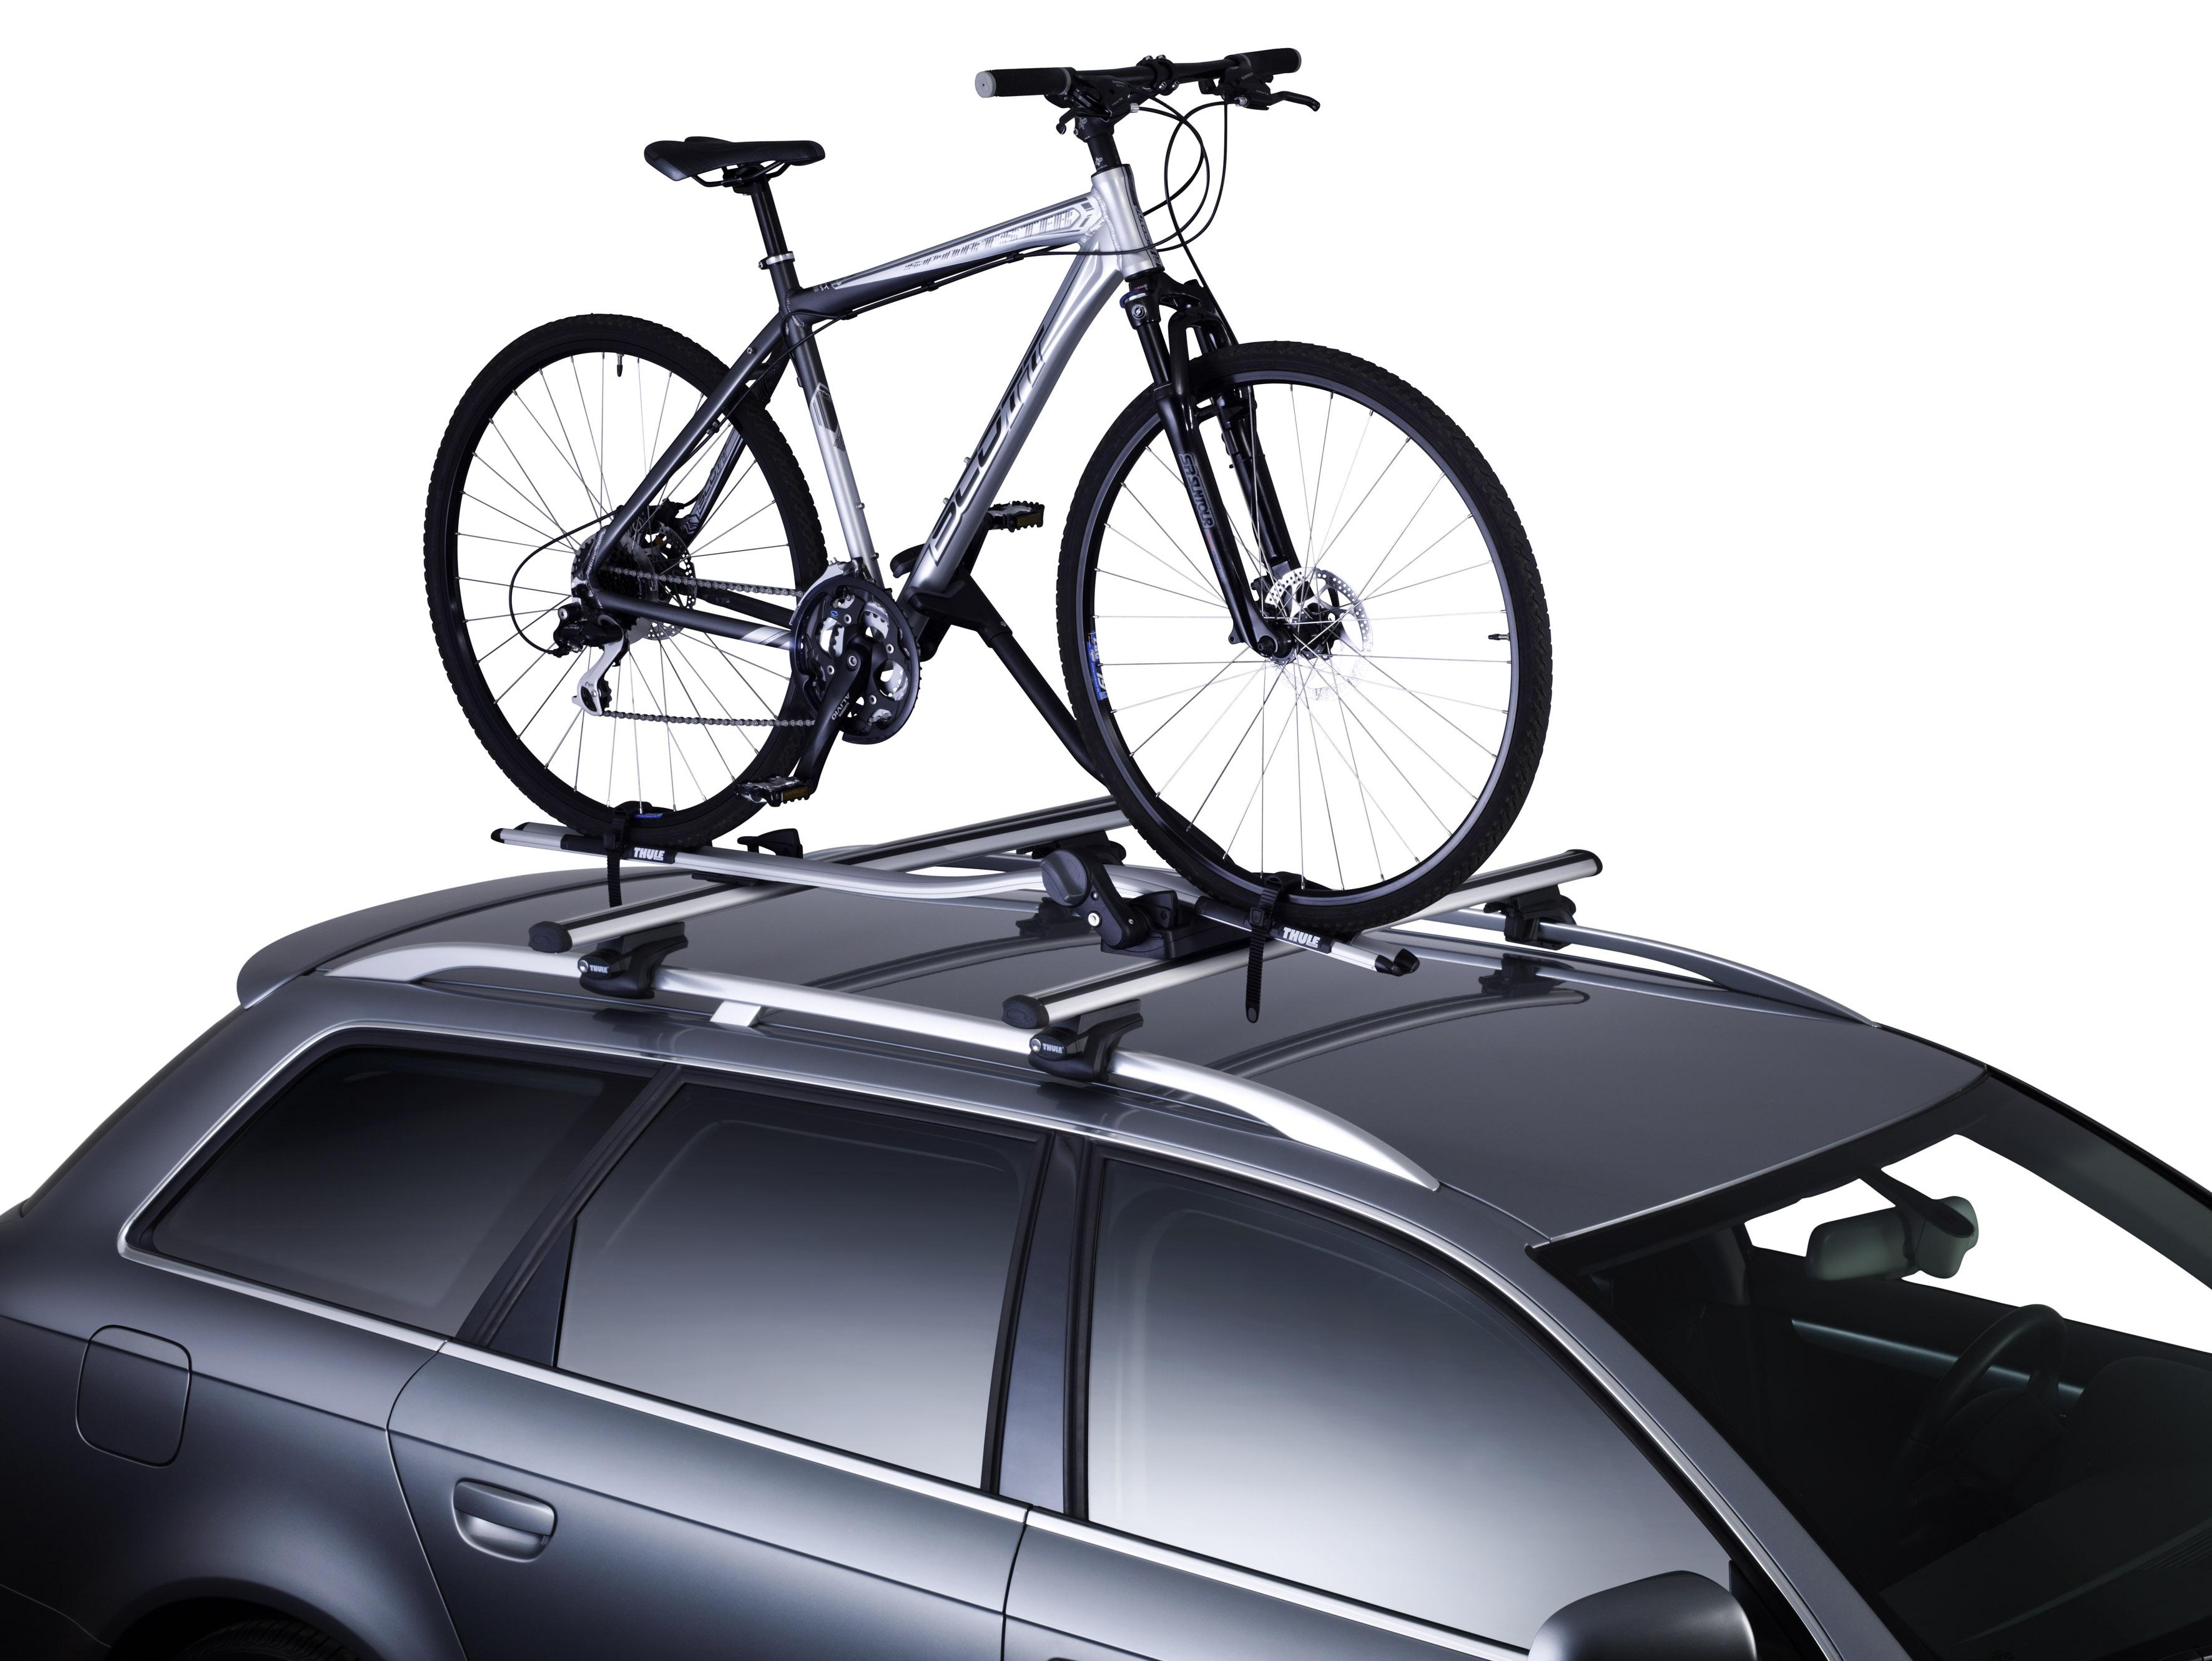 Fahrradträger für das Dach: kostengünstigste Lösung